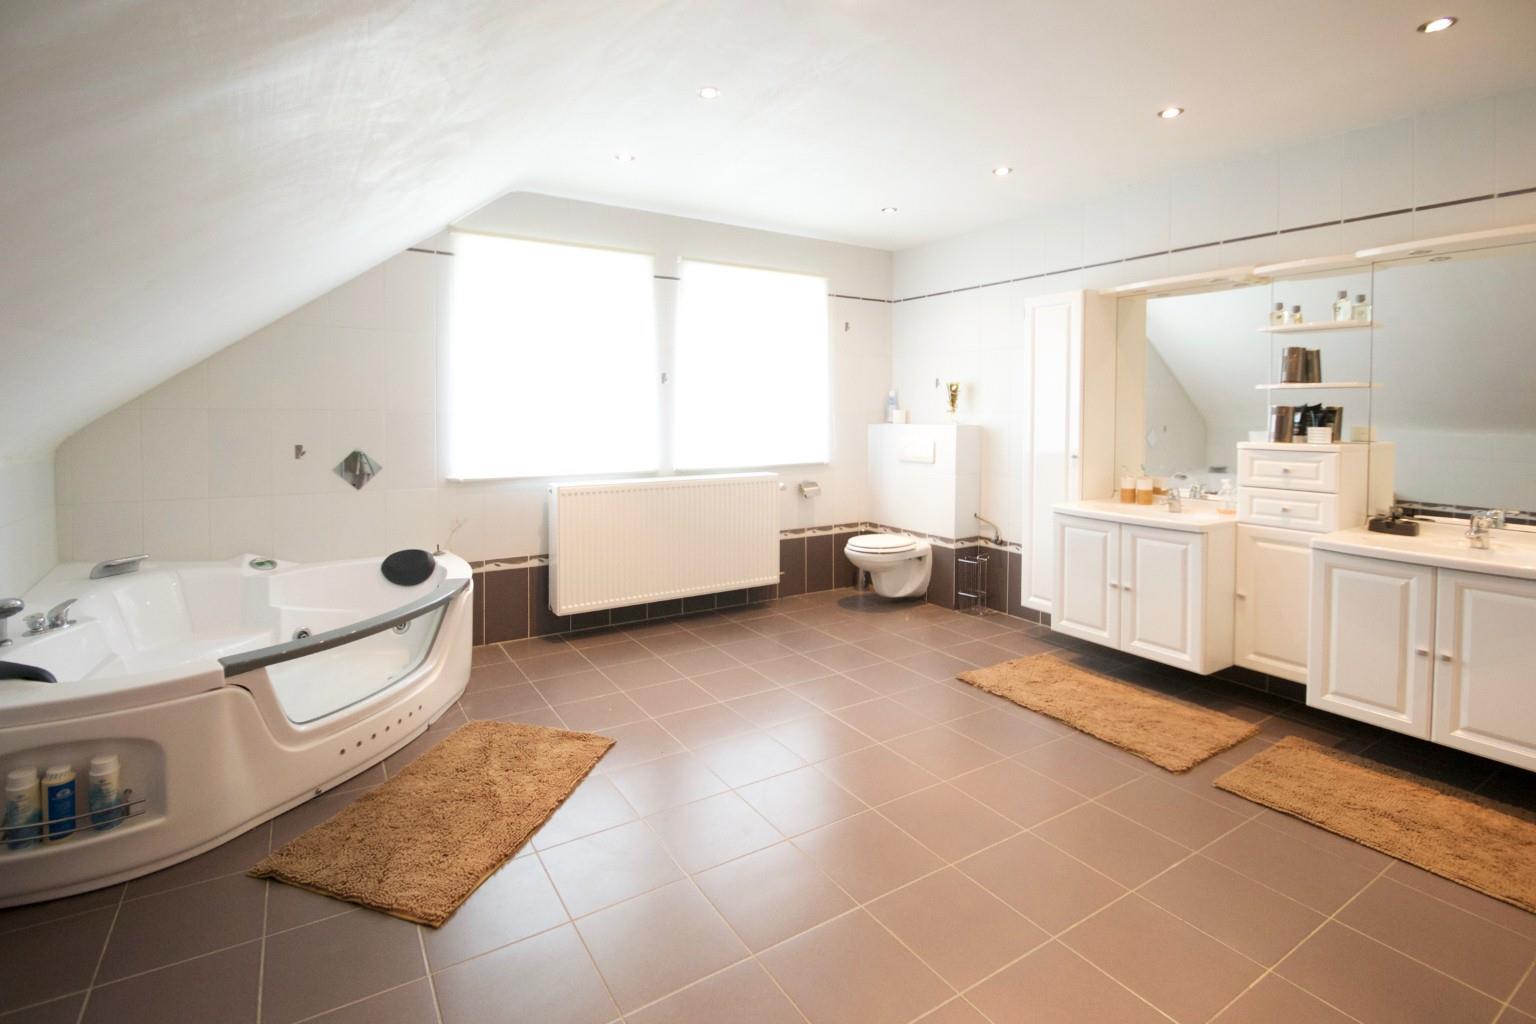 Maison - La Louvière Strépy-Bracquegnies - #2428803-12